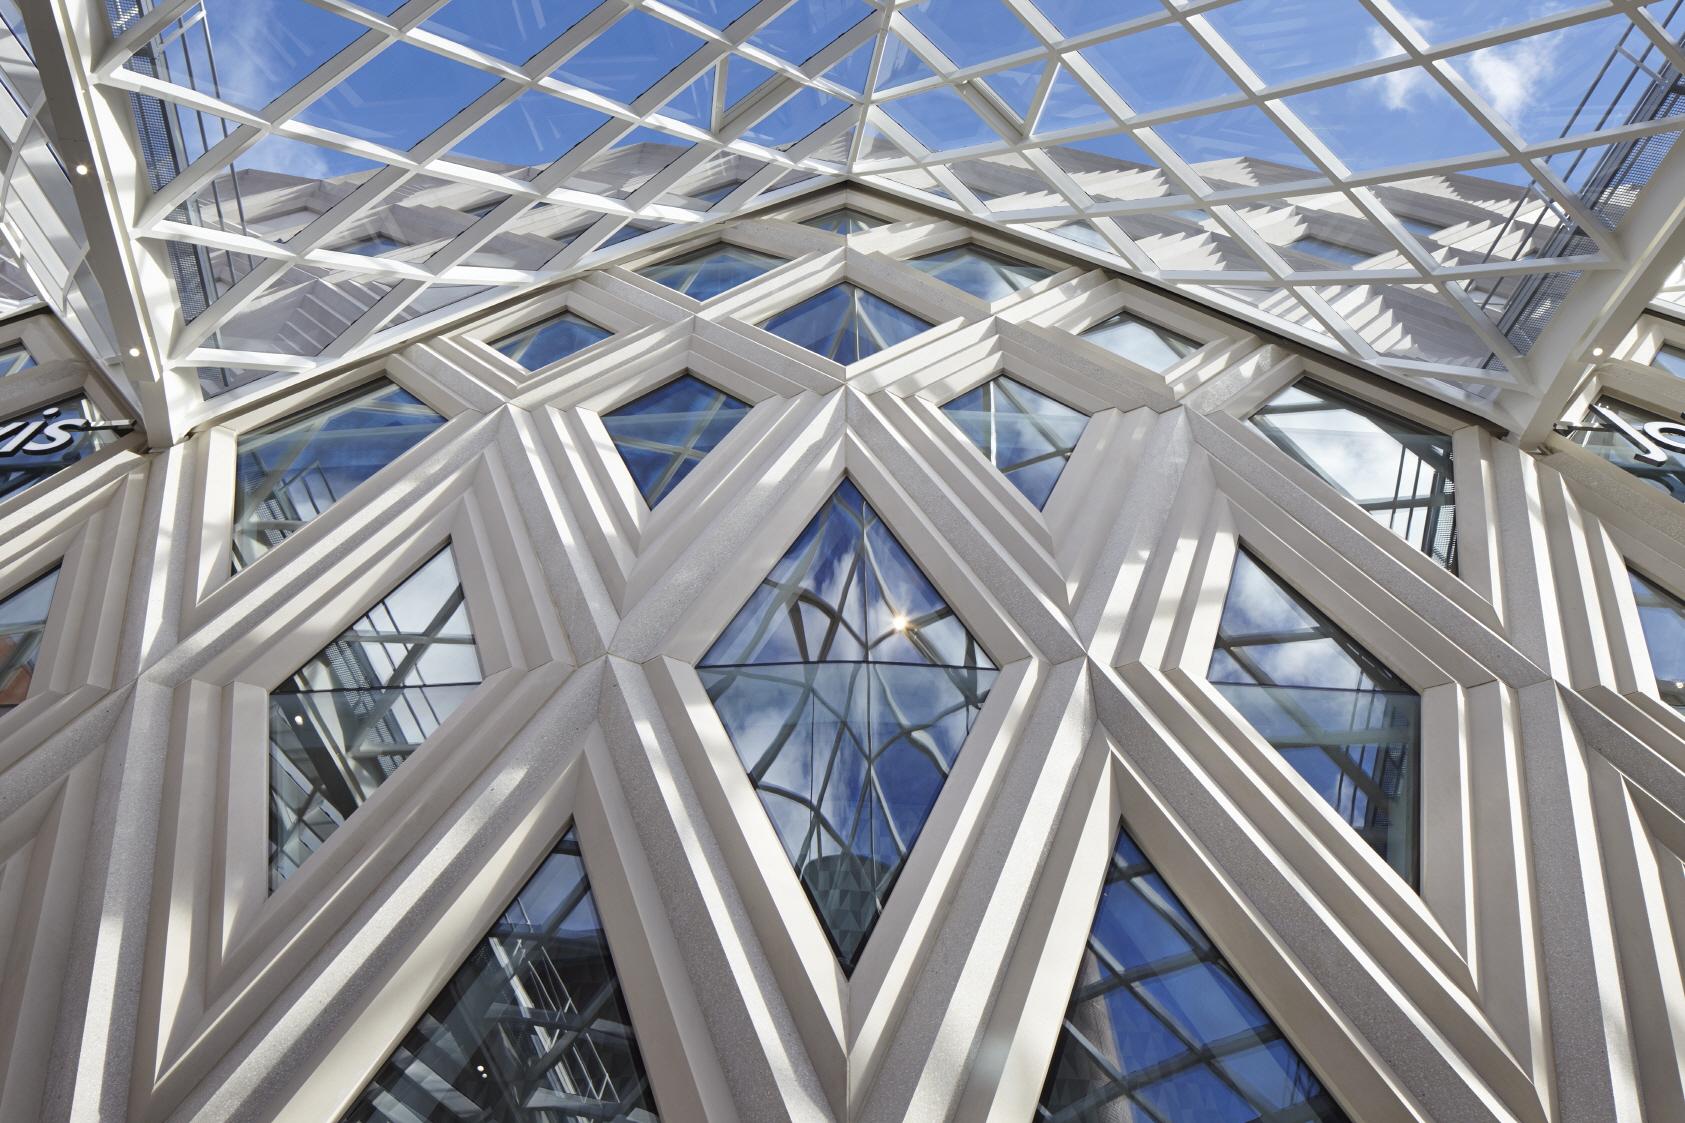 〔안정원의 건축 칼럼〕 지역의 맥락성을 고려한 입체적인 파사드와 다이어그리드 패턴 공간 5